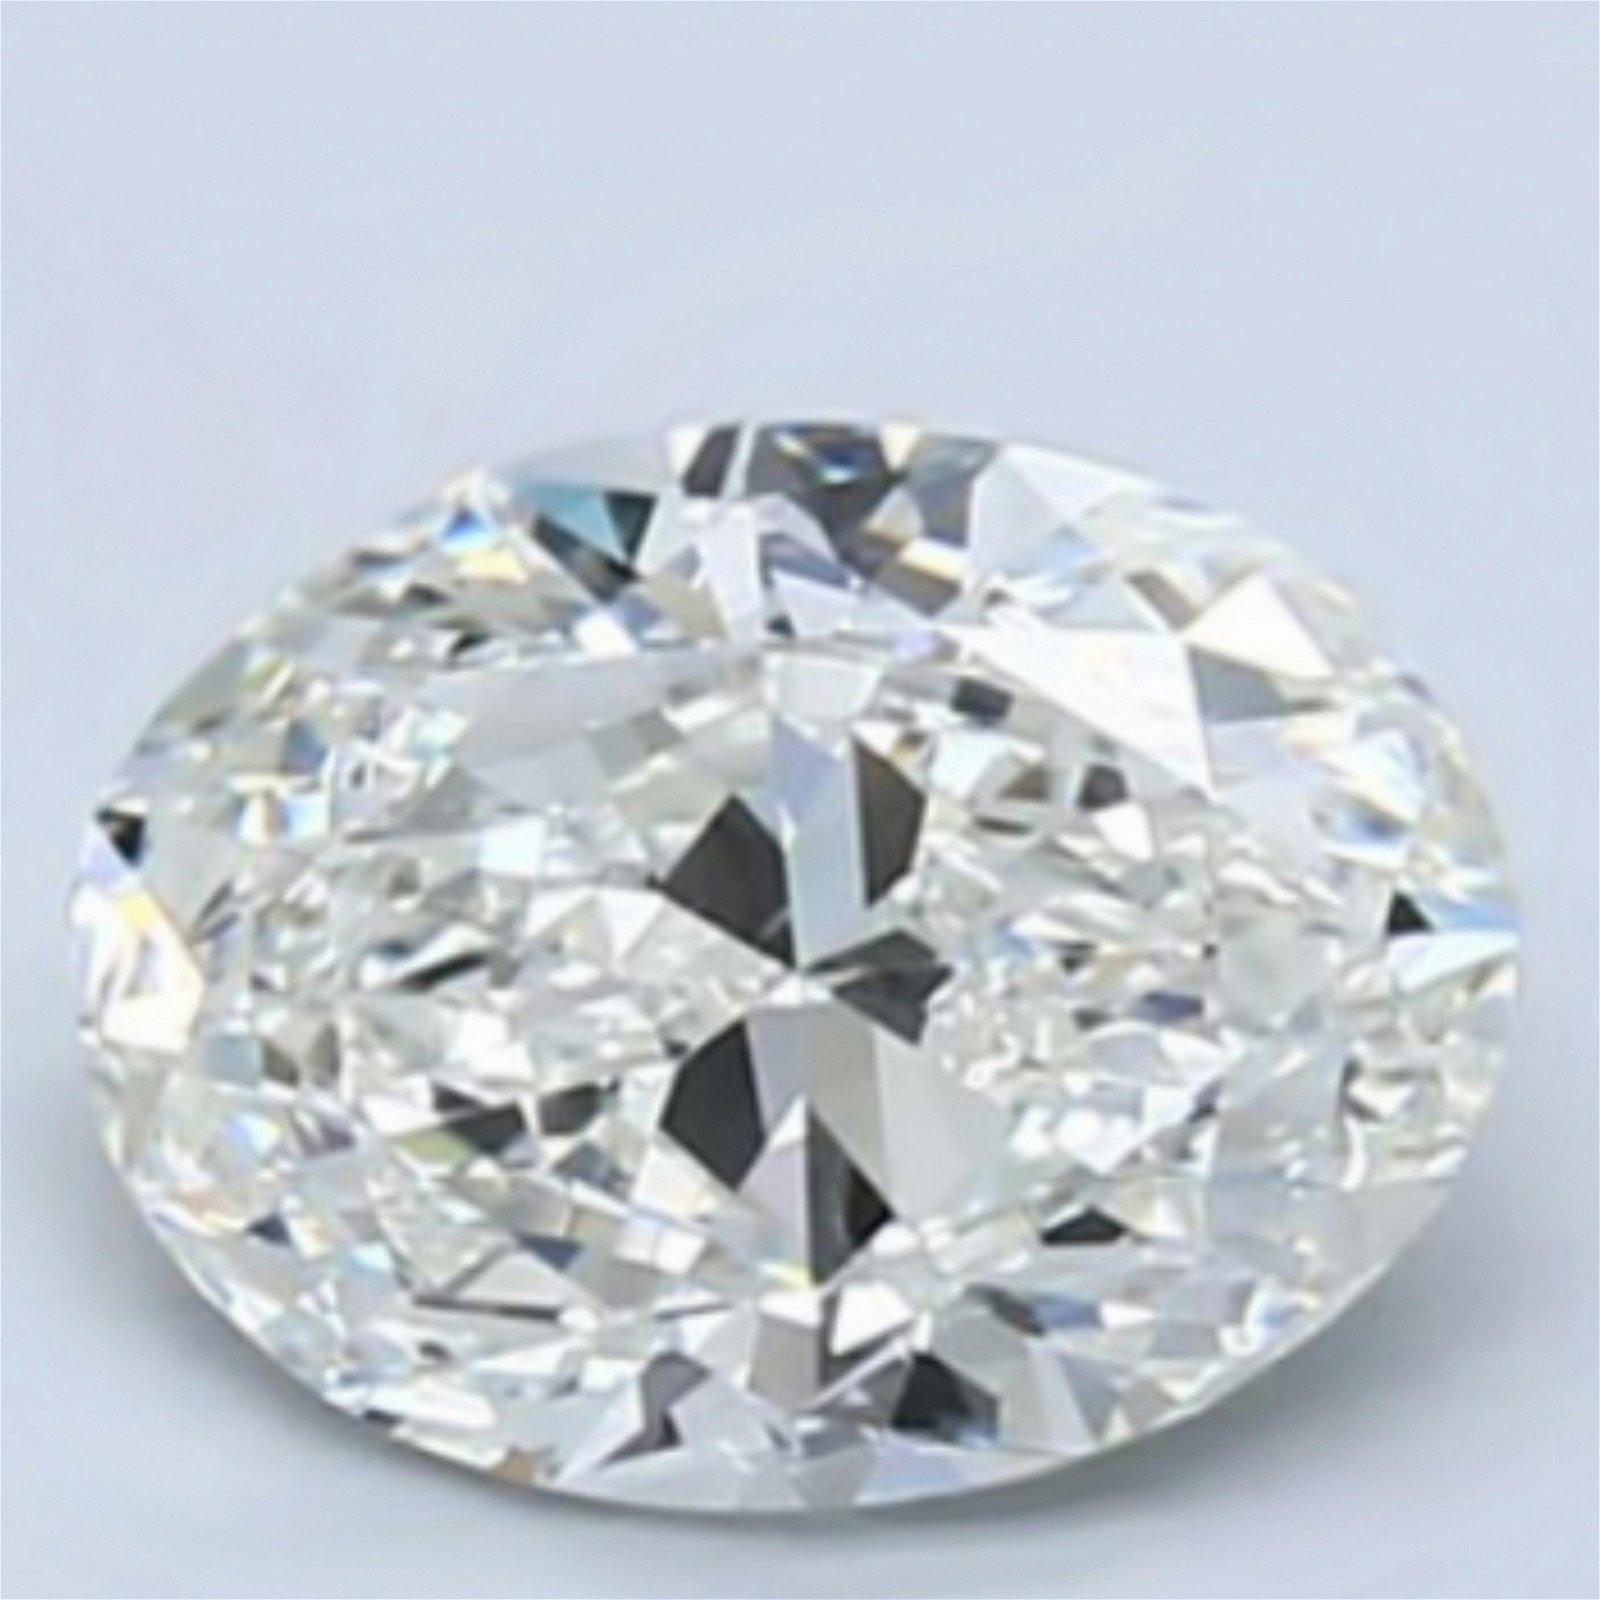 1 ct Loose Oval Cut Diamond Color F VS2 47% OFF